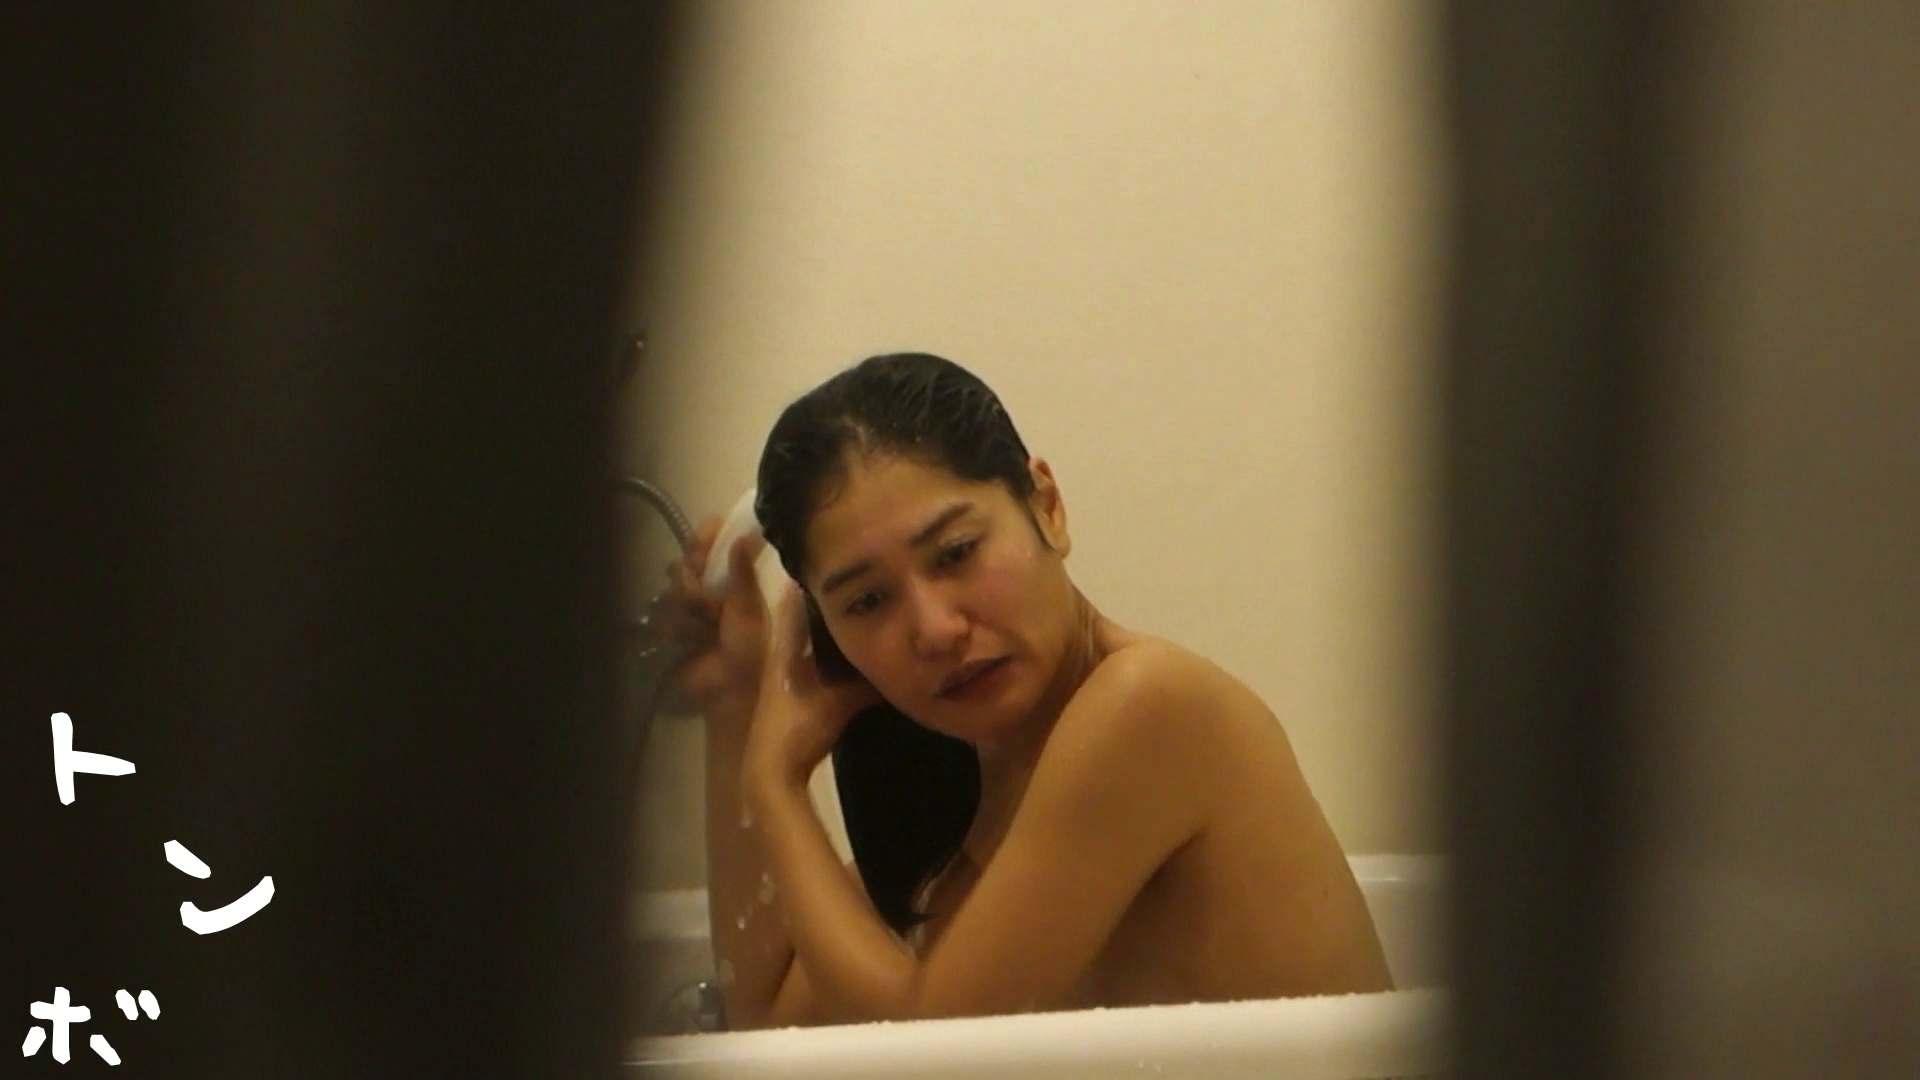 リアル盗撮 現役モデルのシャワーシーン2 美女 | シャワー  90pic 46